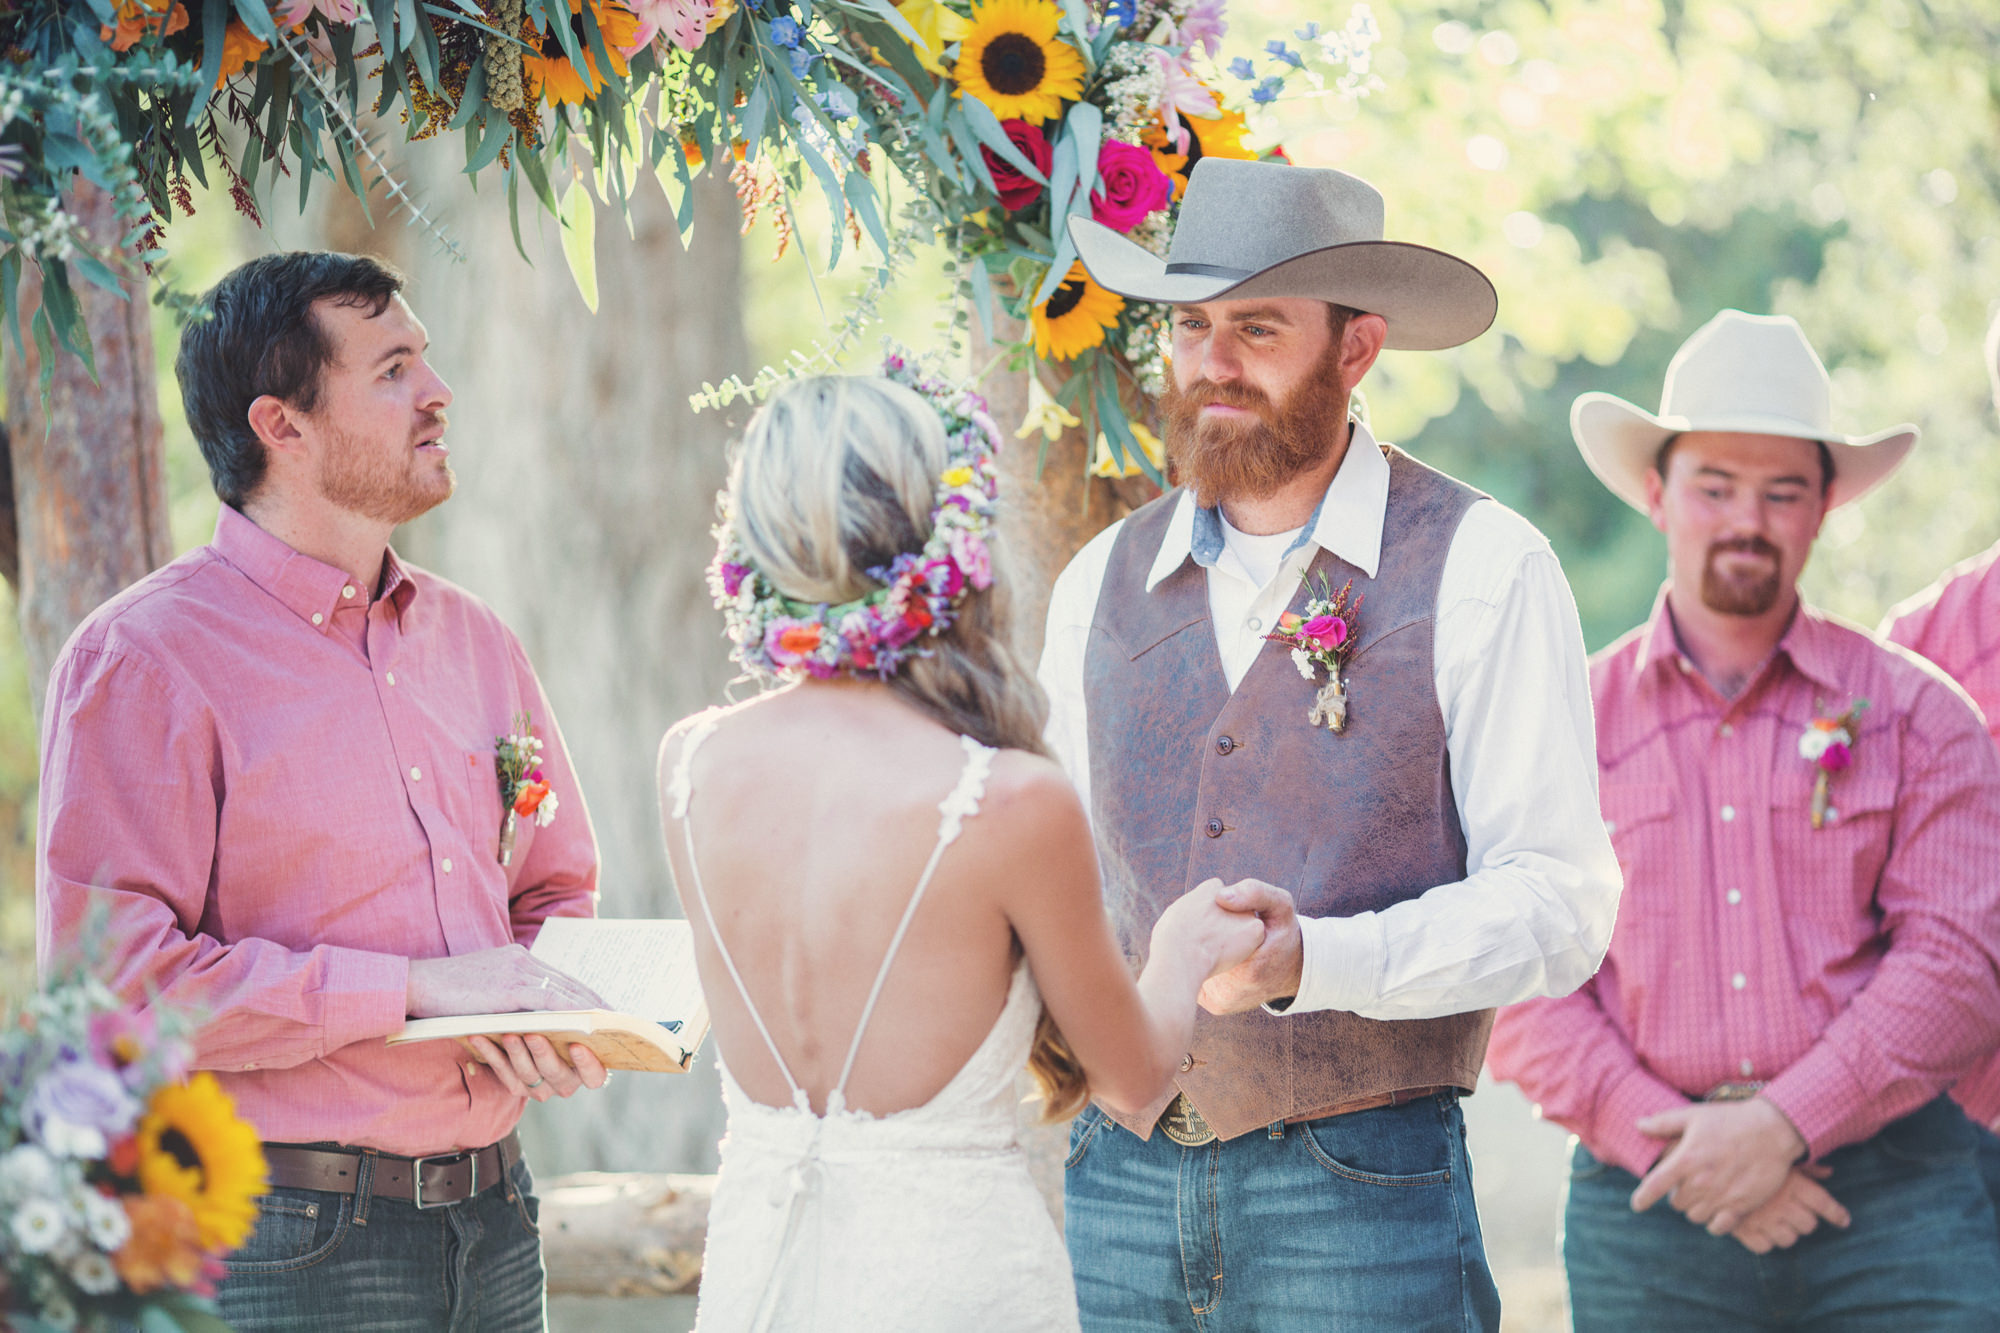 Rustic wedding in California ©Anne-Claire Brun 71